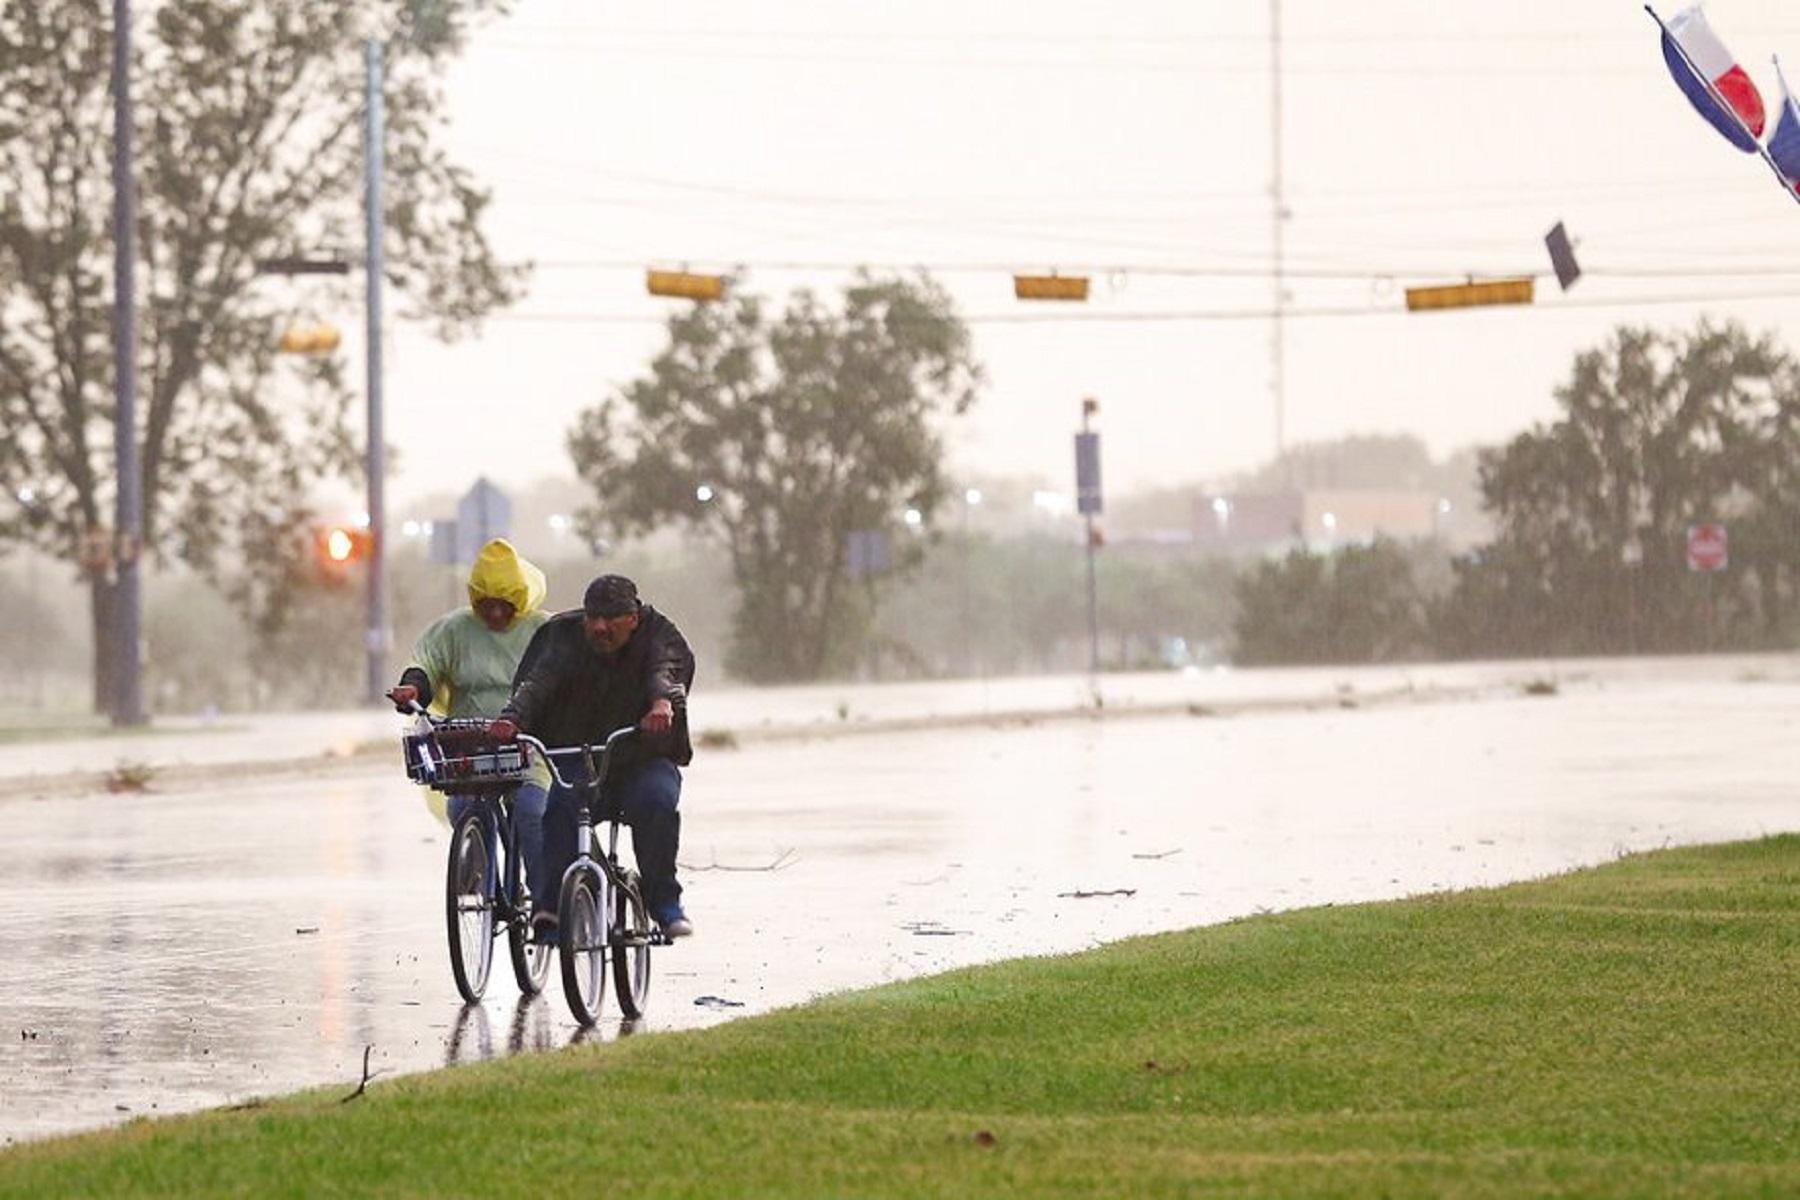 Κόλπος του Τέξας: Τμήματα της ακτής θα μπορούσαν να δουν 20 ίντσες βροχής από την τροπική καταιγίδα Νικόλαος